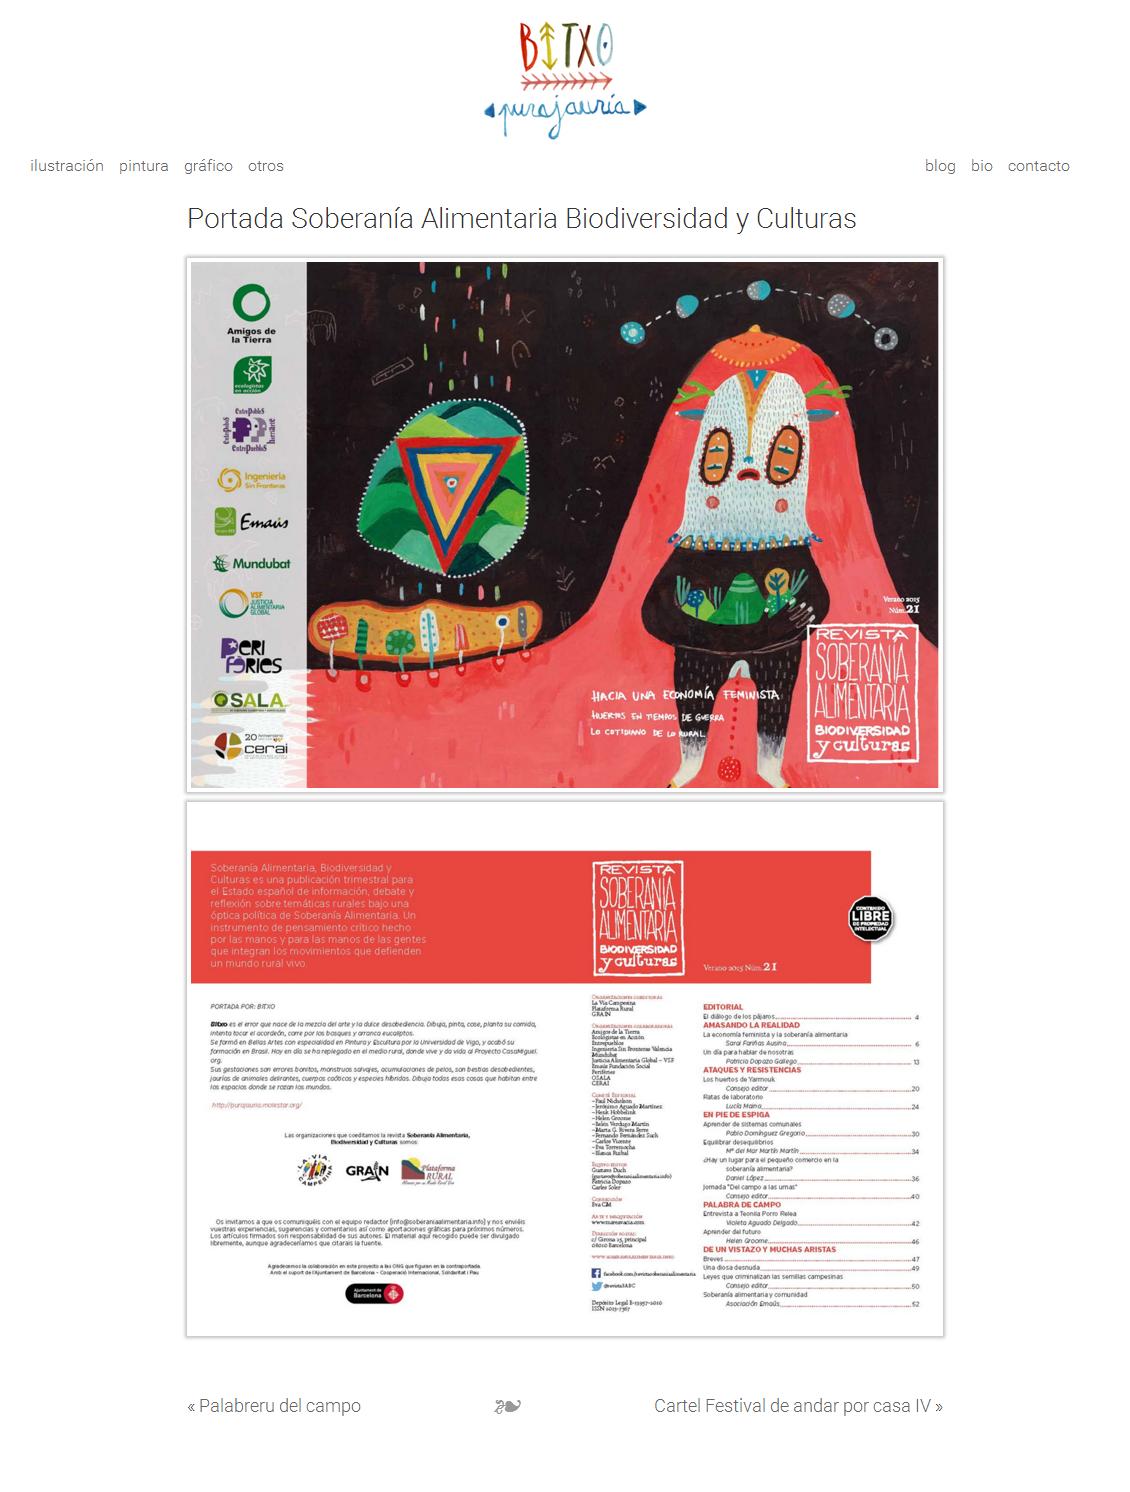 Portada Soberanía Alimentaria Biodiversidad y Culturas « BITXO   pura jauría